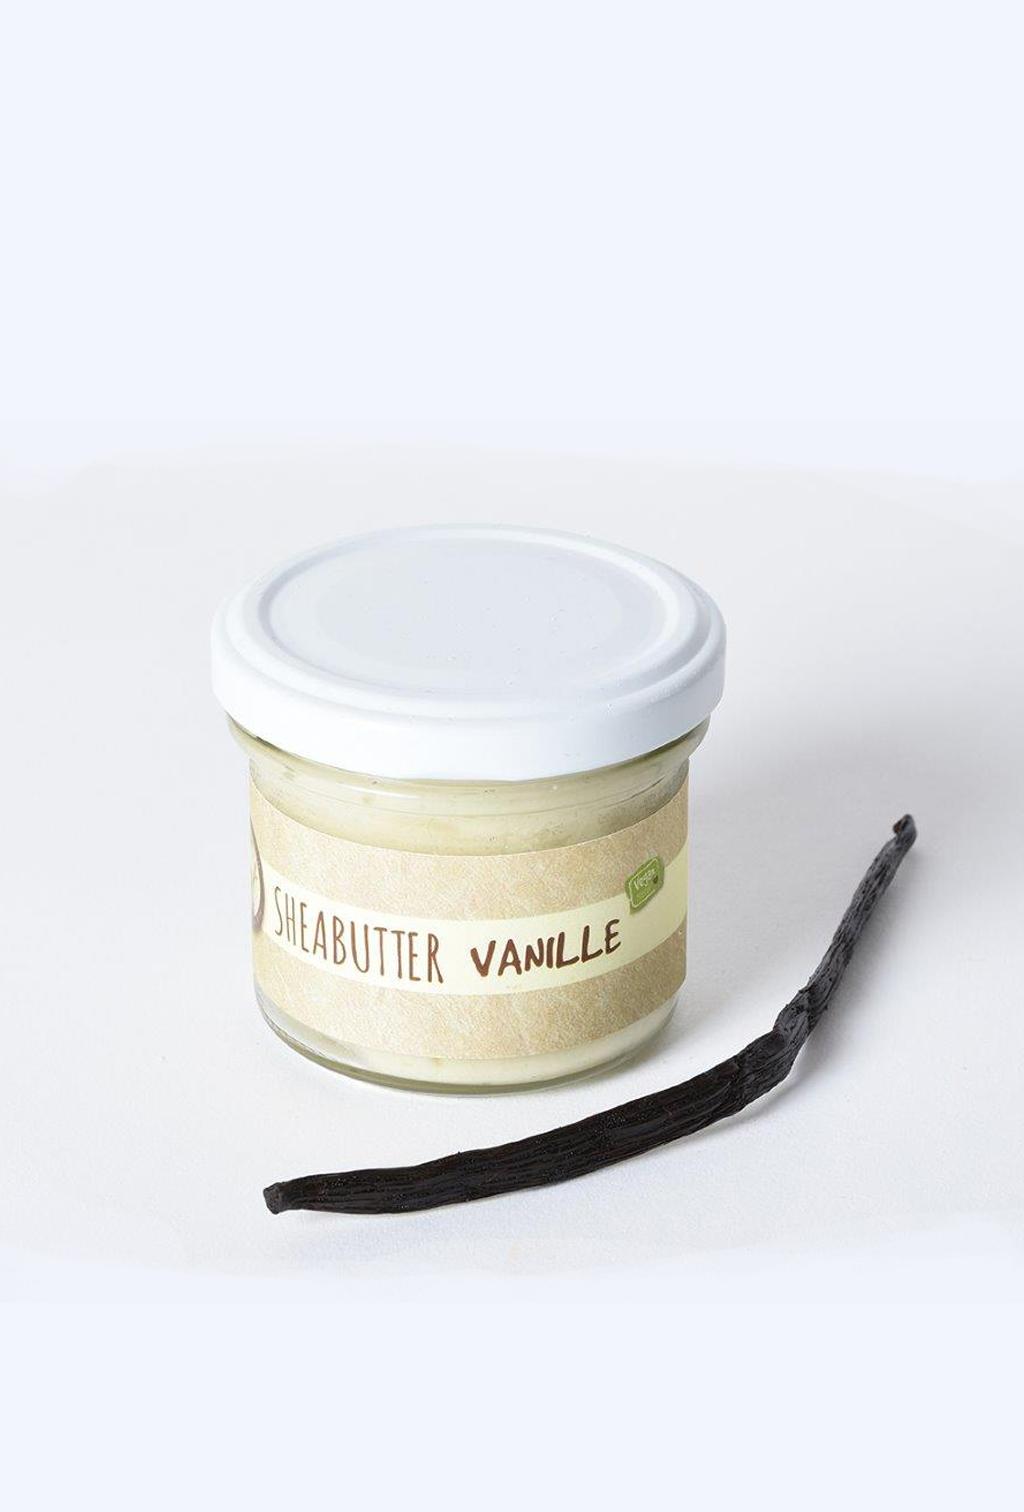 sheabutter-vanille